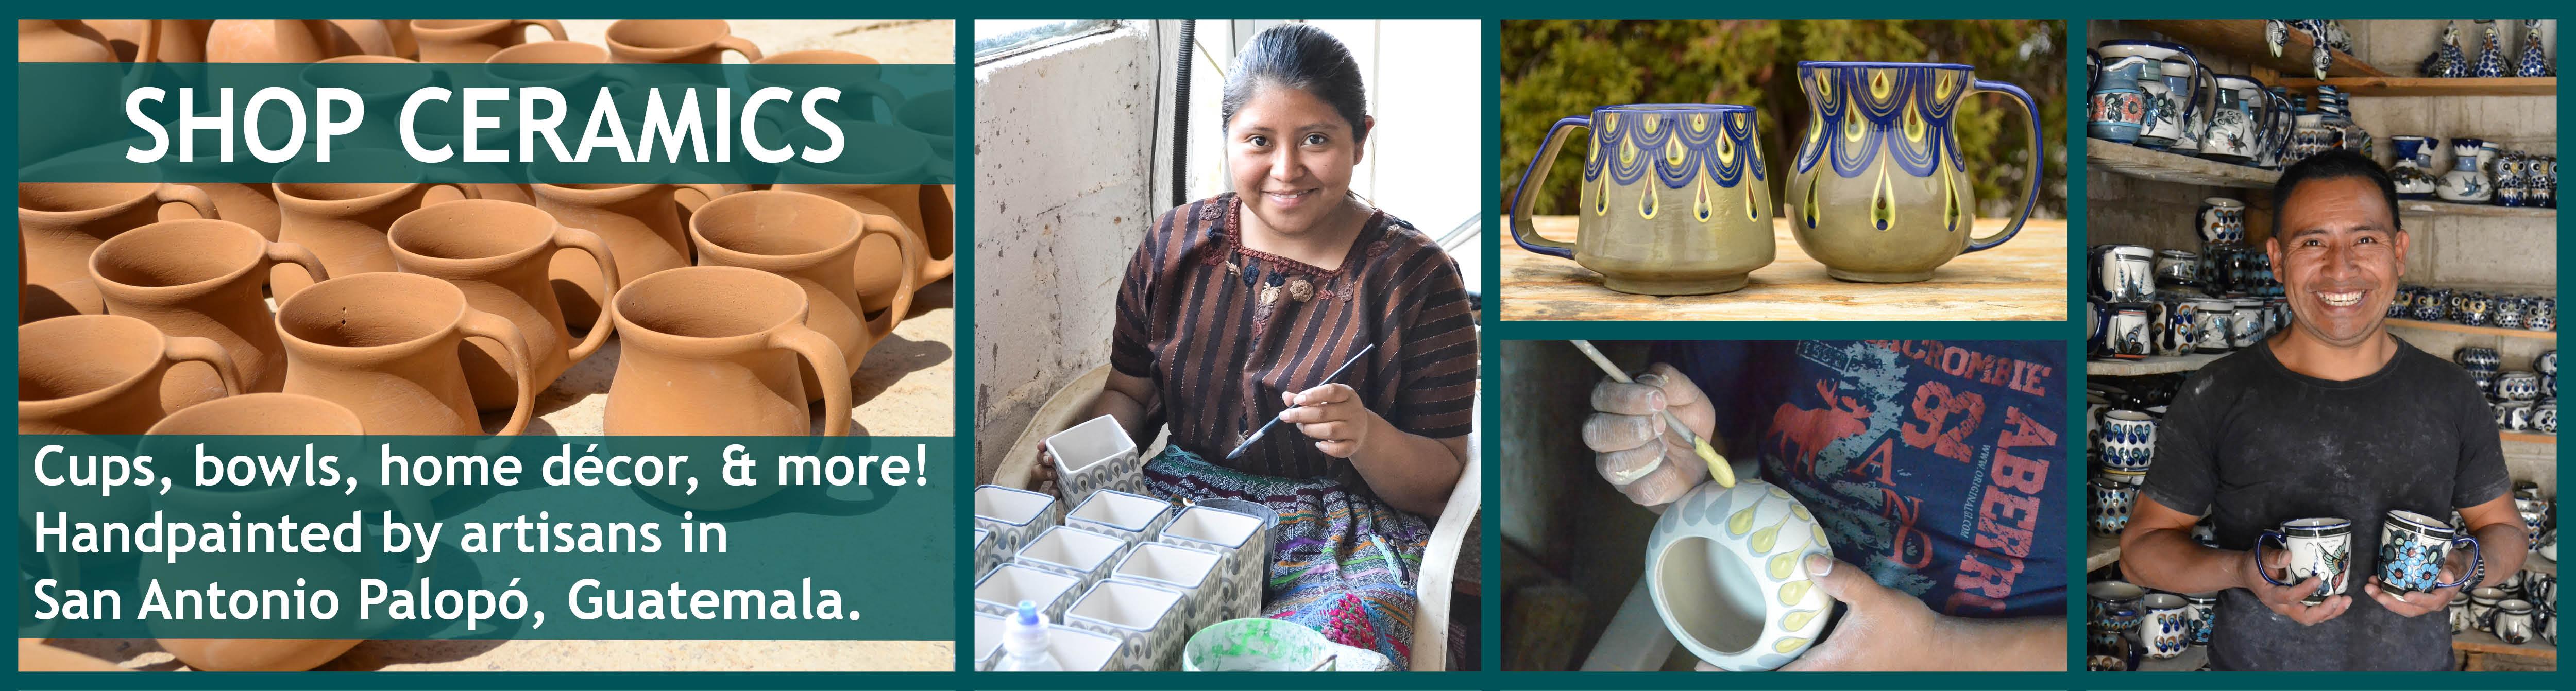 Shop Ceramics